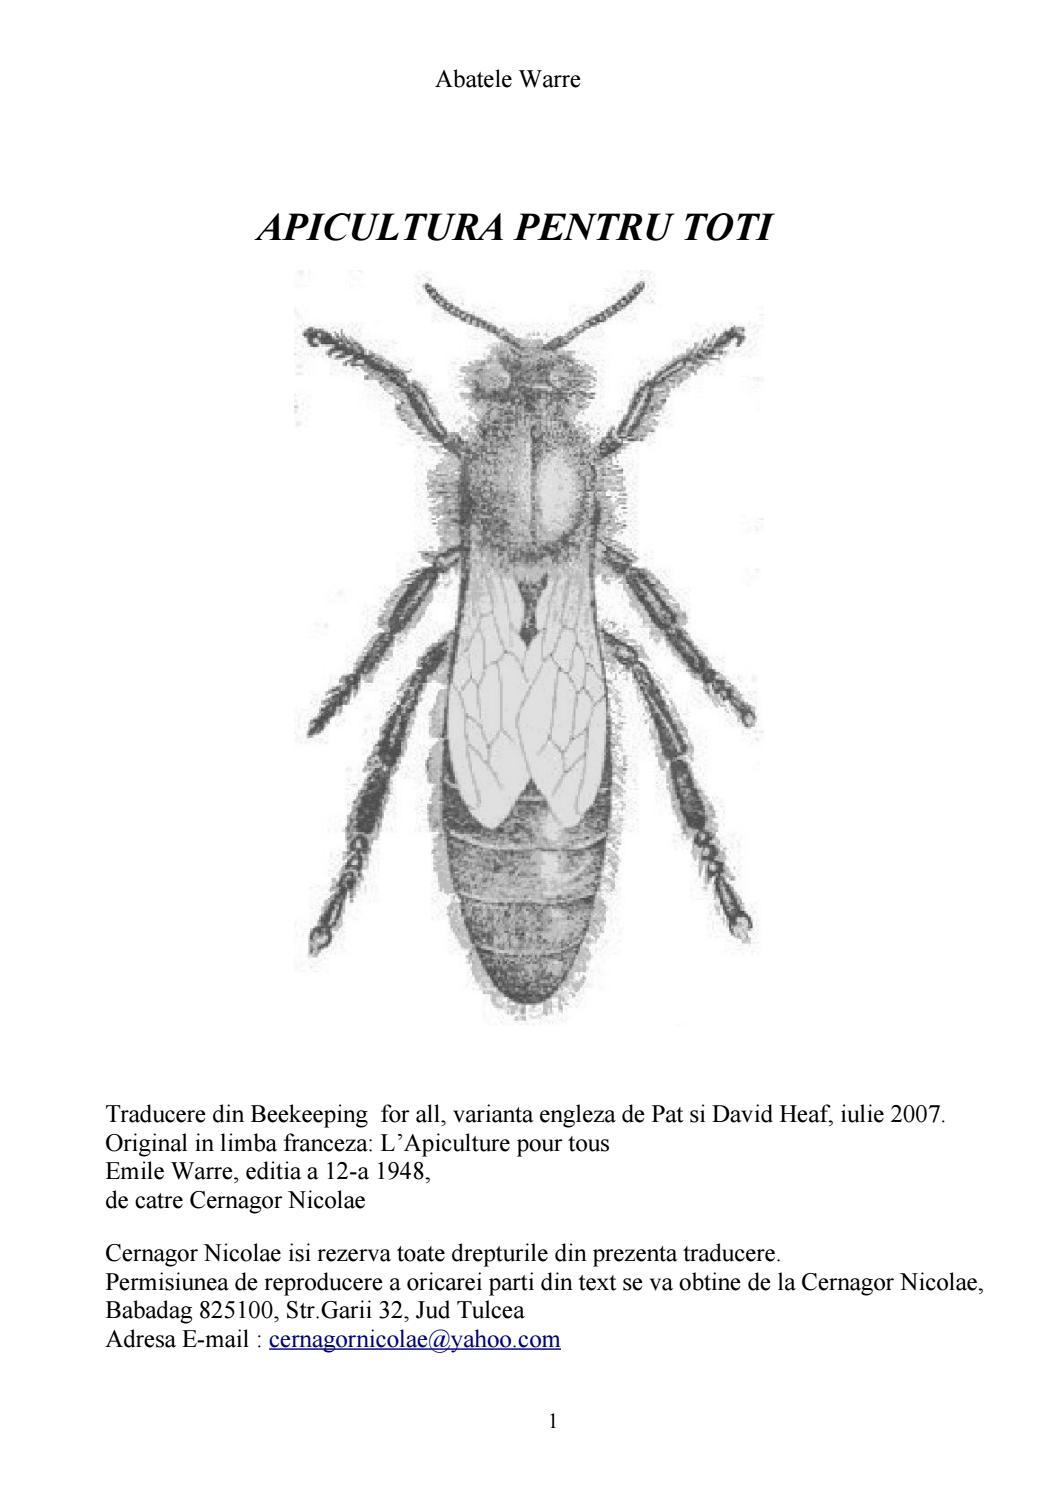 pastile pentru copii pentru a preveni viermii papilom pe călcâi